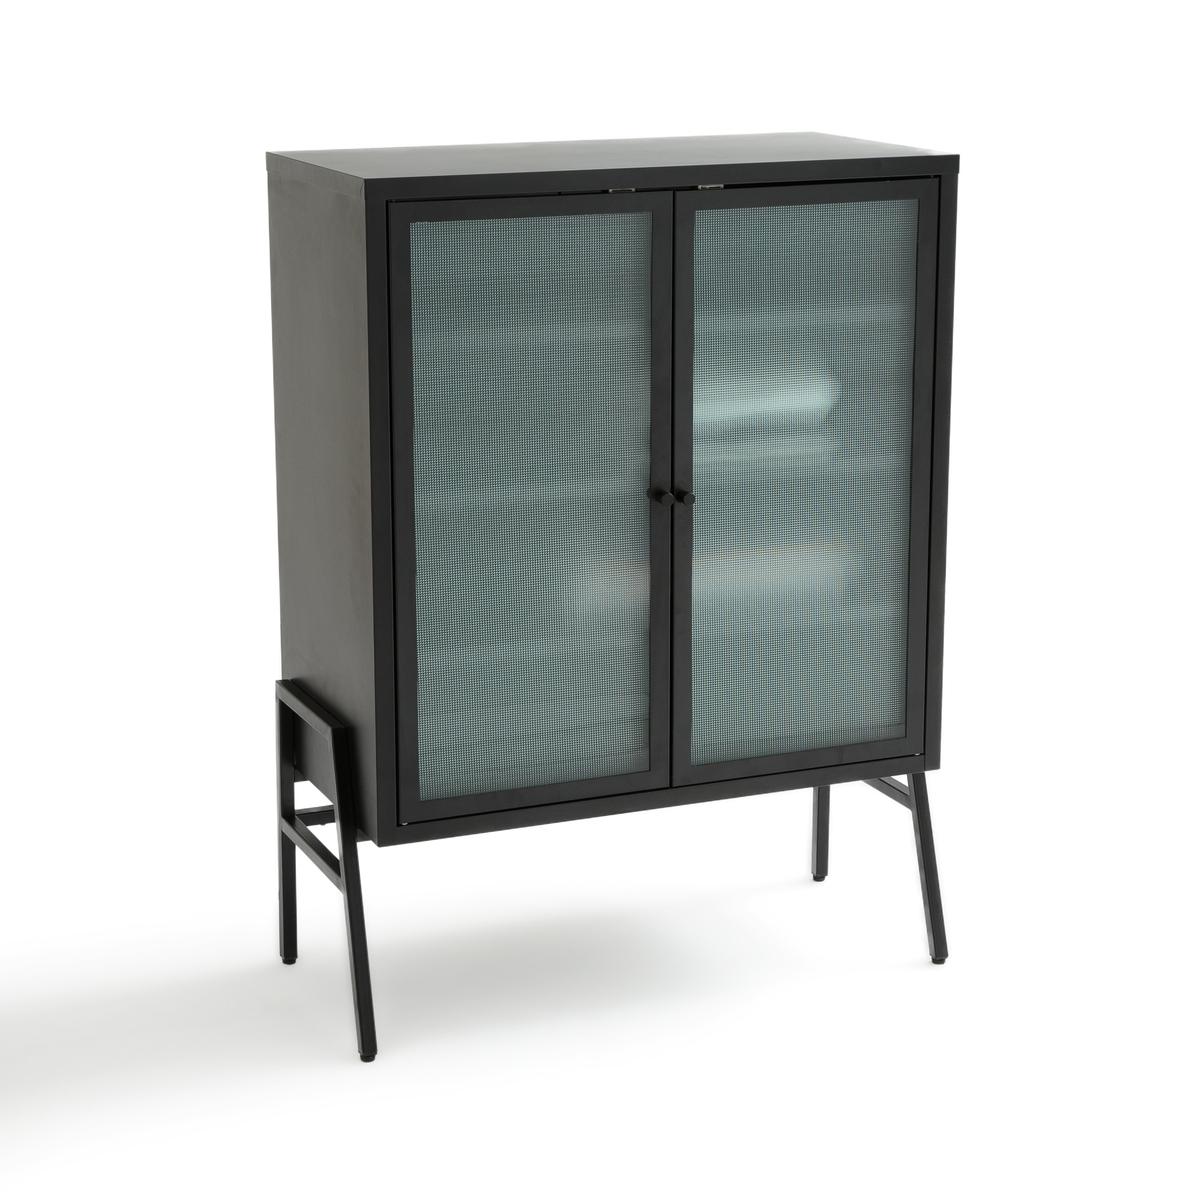 Шкаф низкий с 2 дверцами из металла и стекла PODA